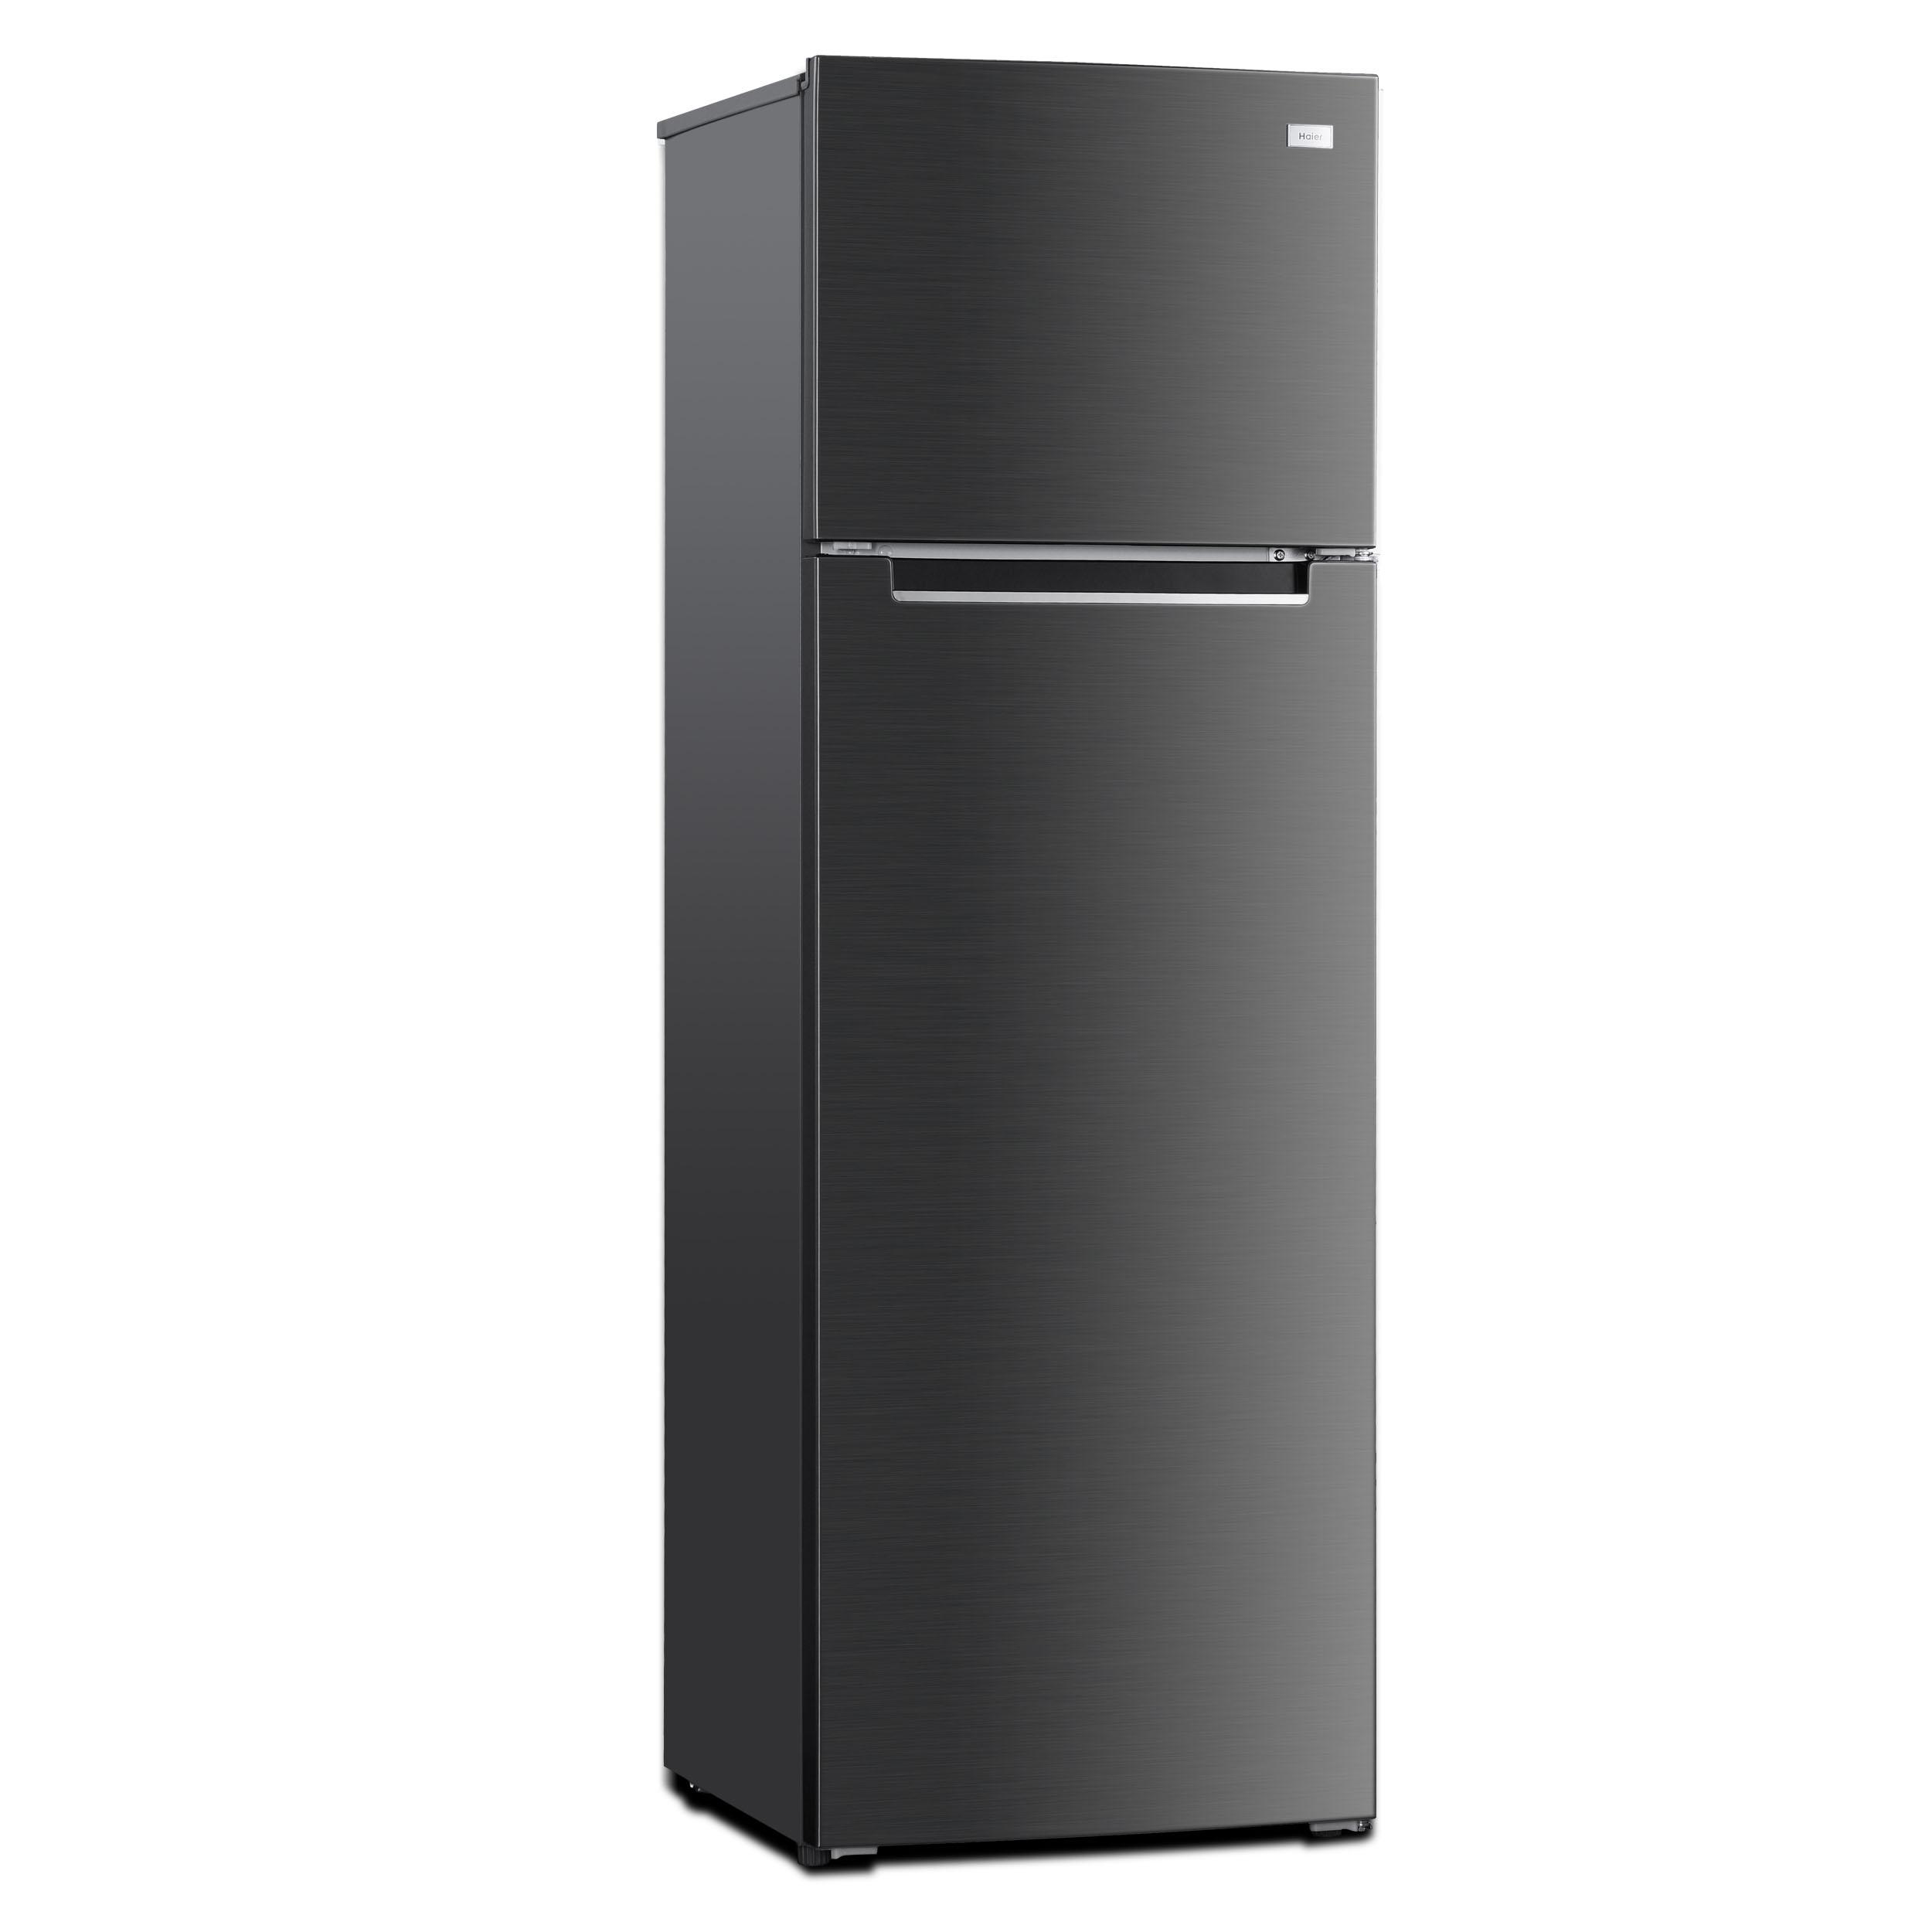 하이얼 일반 소형 냉장고 252L, HRT257MDM